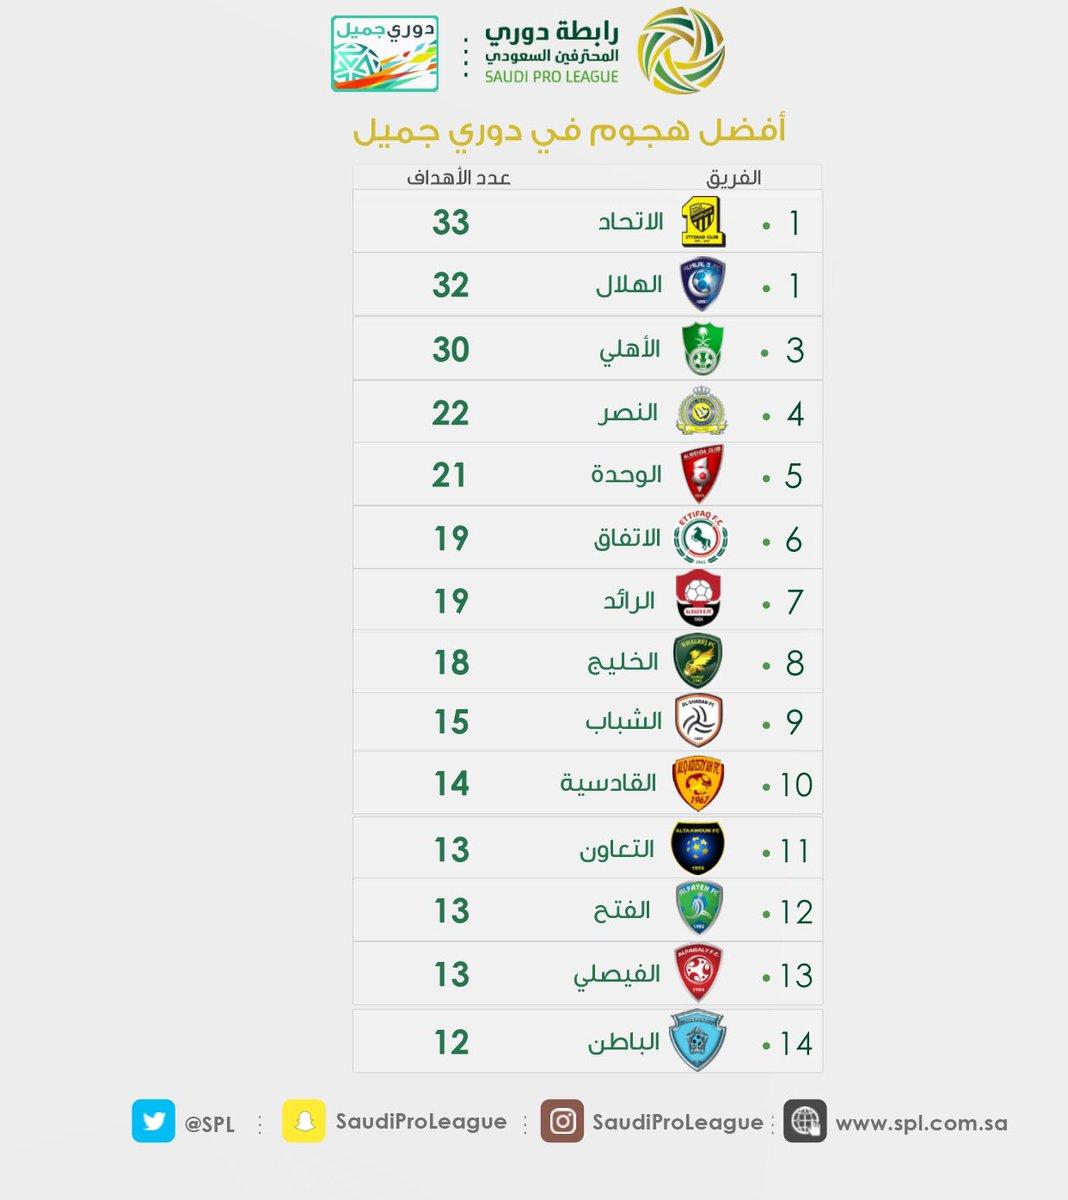 جدول ترتيب الفرق+الهدافين+صناع الأهداف+أفضل دفاع+أفضل هجوم^الجولة 13دوري جميل^